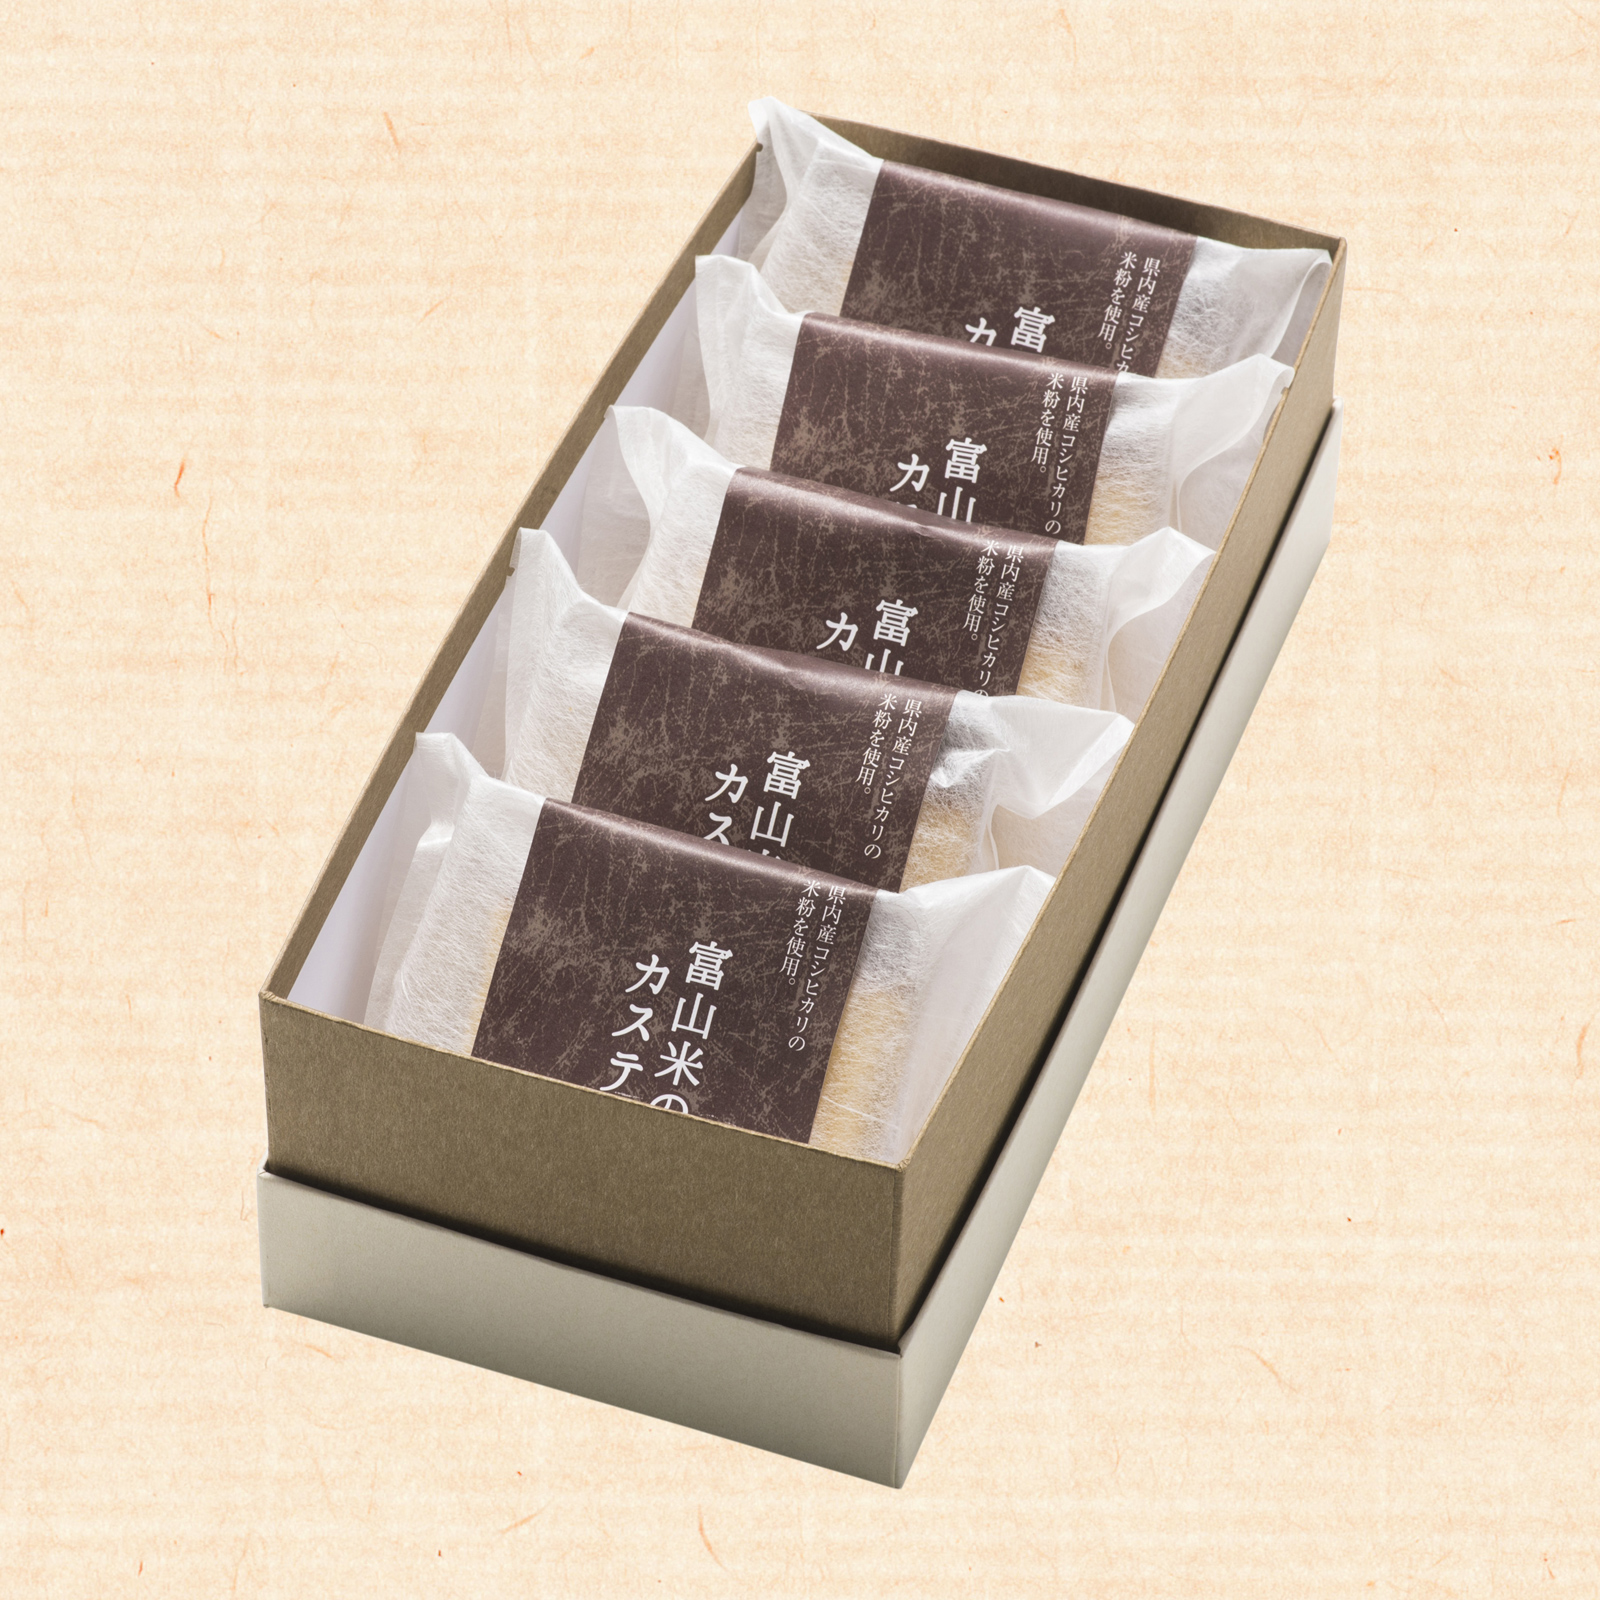 gift-castella-cut-05